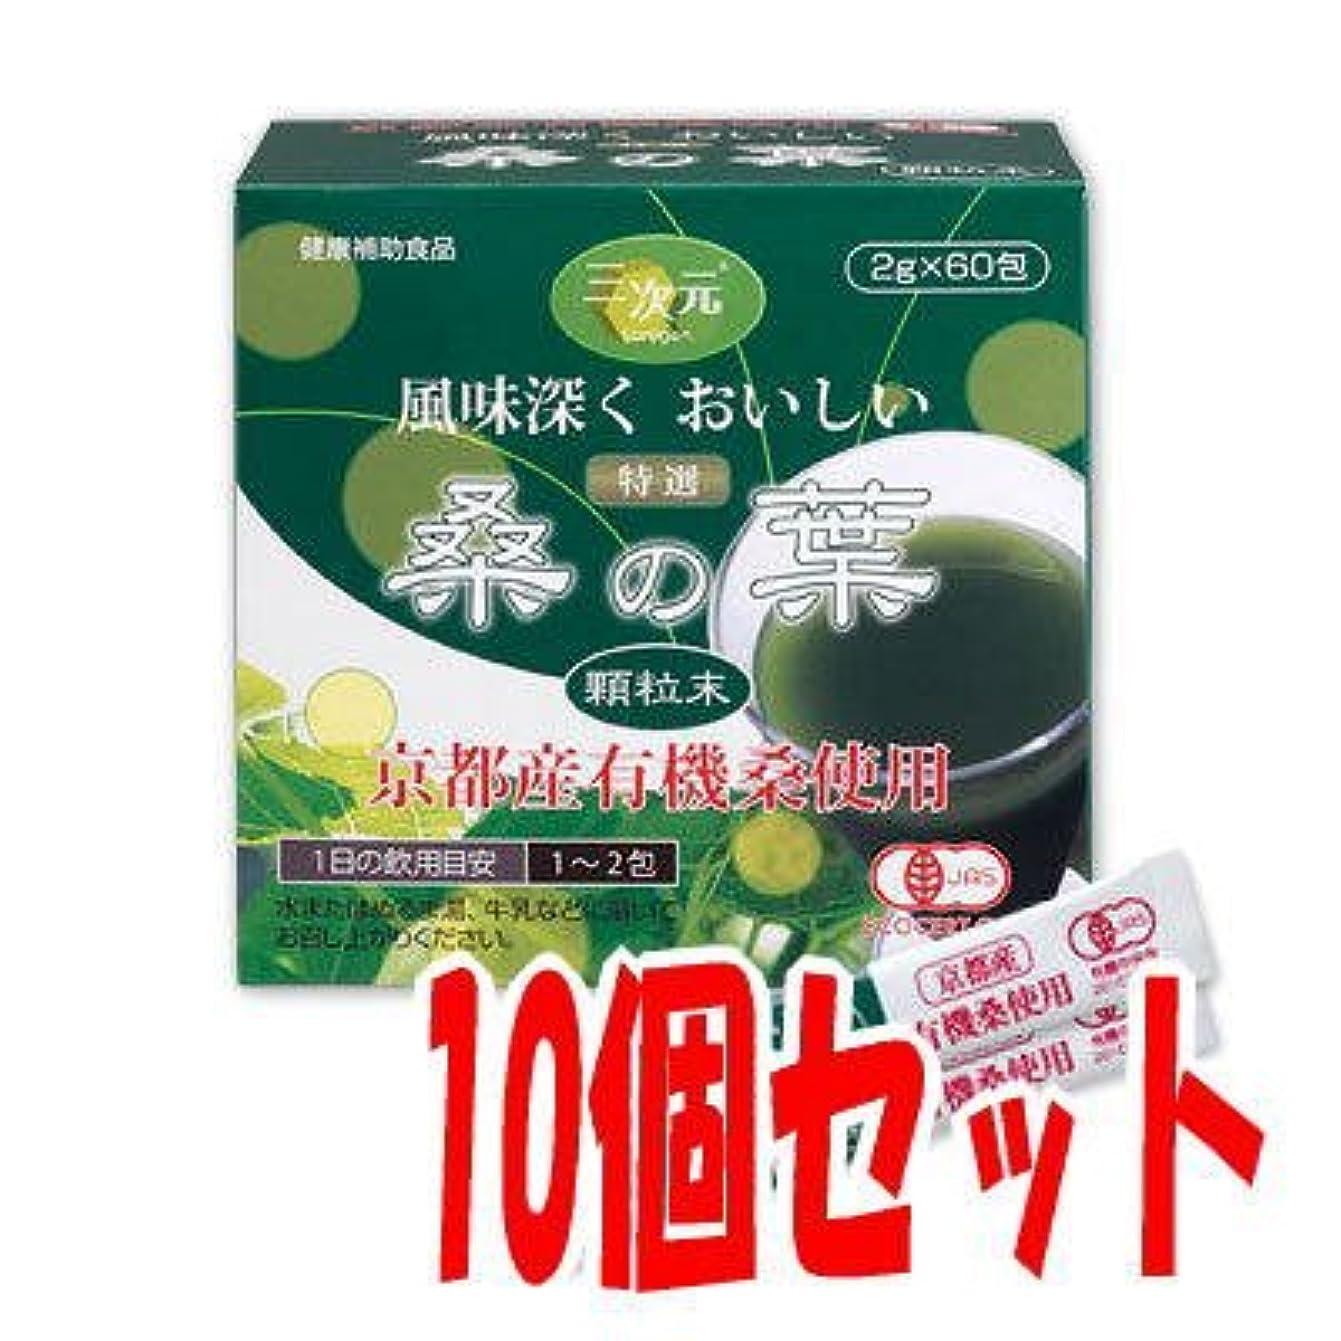 アクチュエータわかるセンサー特選「桑の葉」顆粒末1箱60包入×10箱セット 国産(京都産)有機桑使用 苦くなく風味深くおいしい青汁